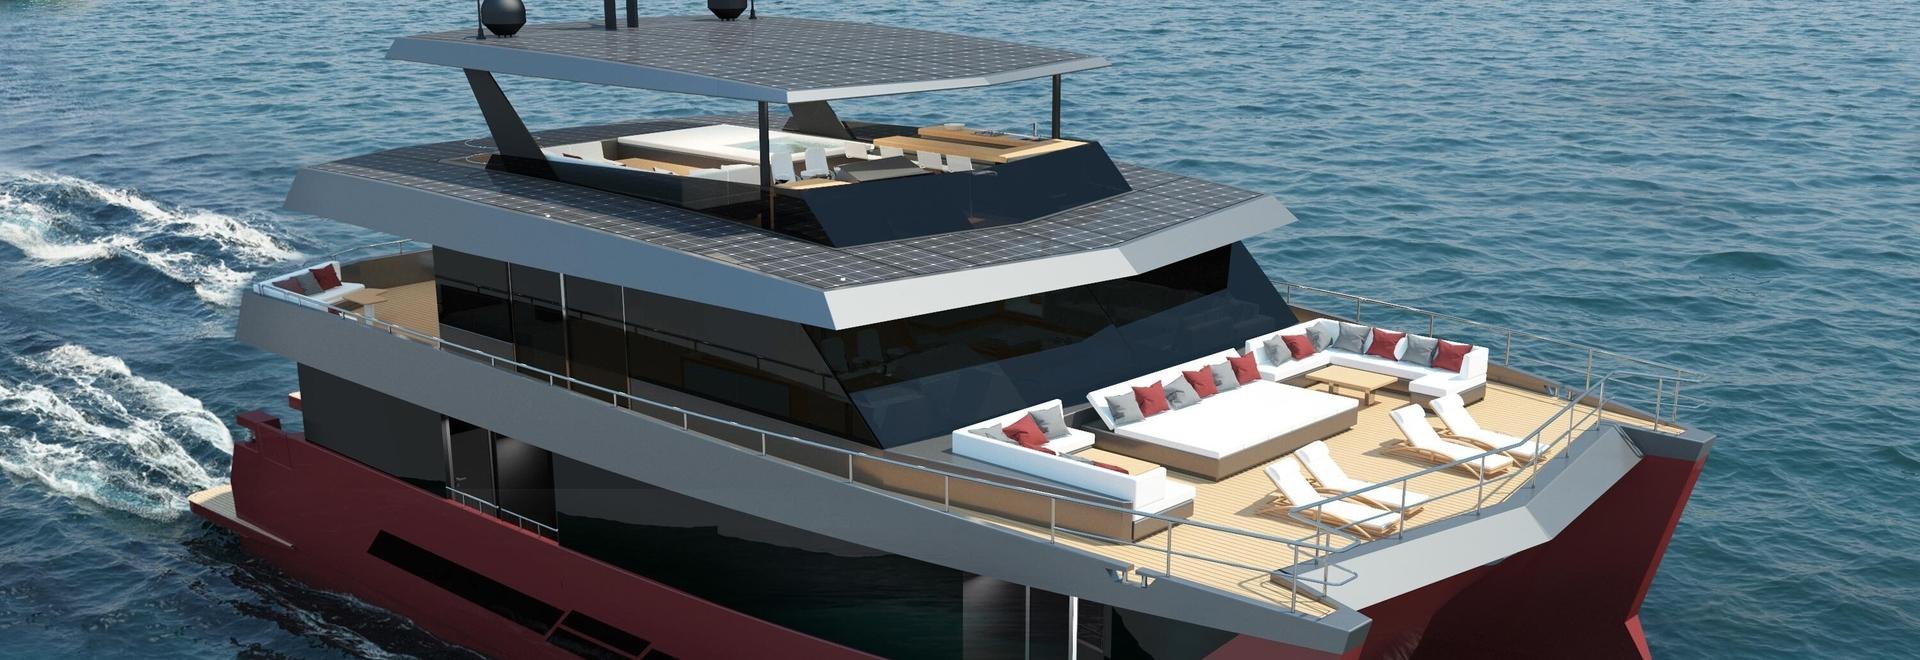 Spaceline 100 Hybrid, un nuevo concepto de catamarán de lujo a motor